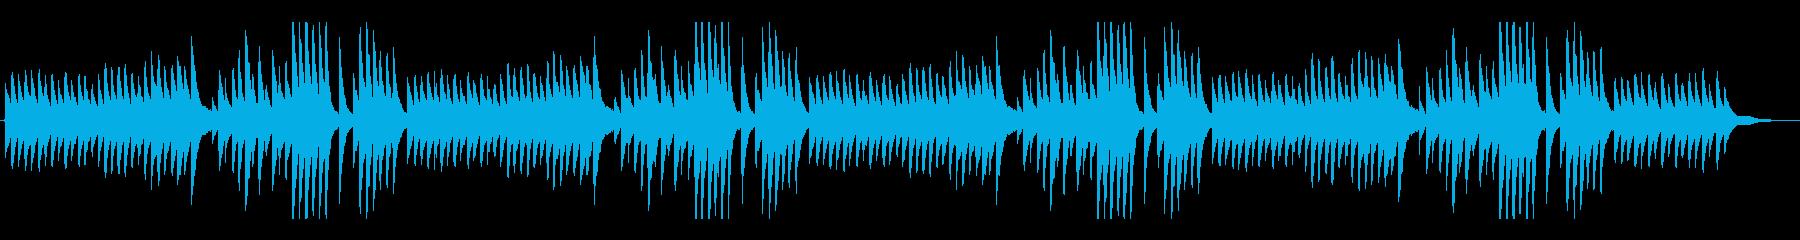 「この道」シンプルなジャズピアノアレンジの再生済みの波形